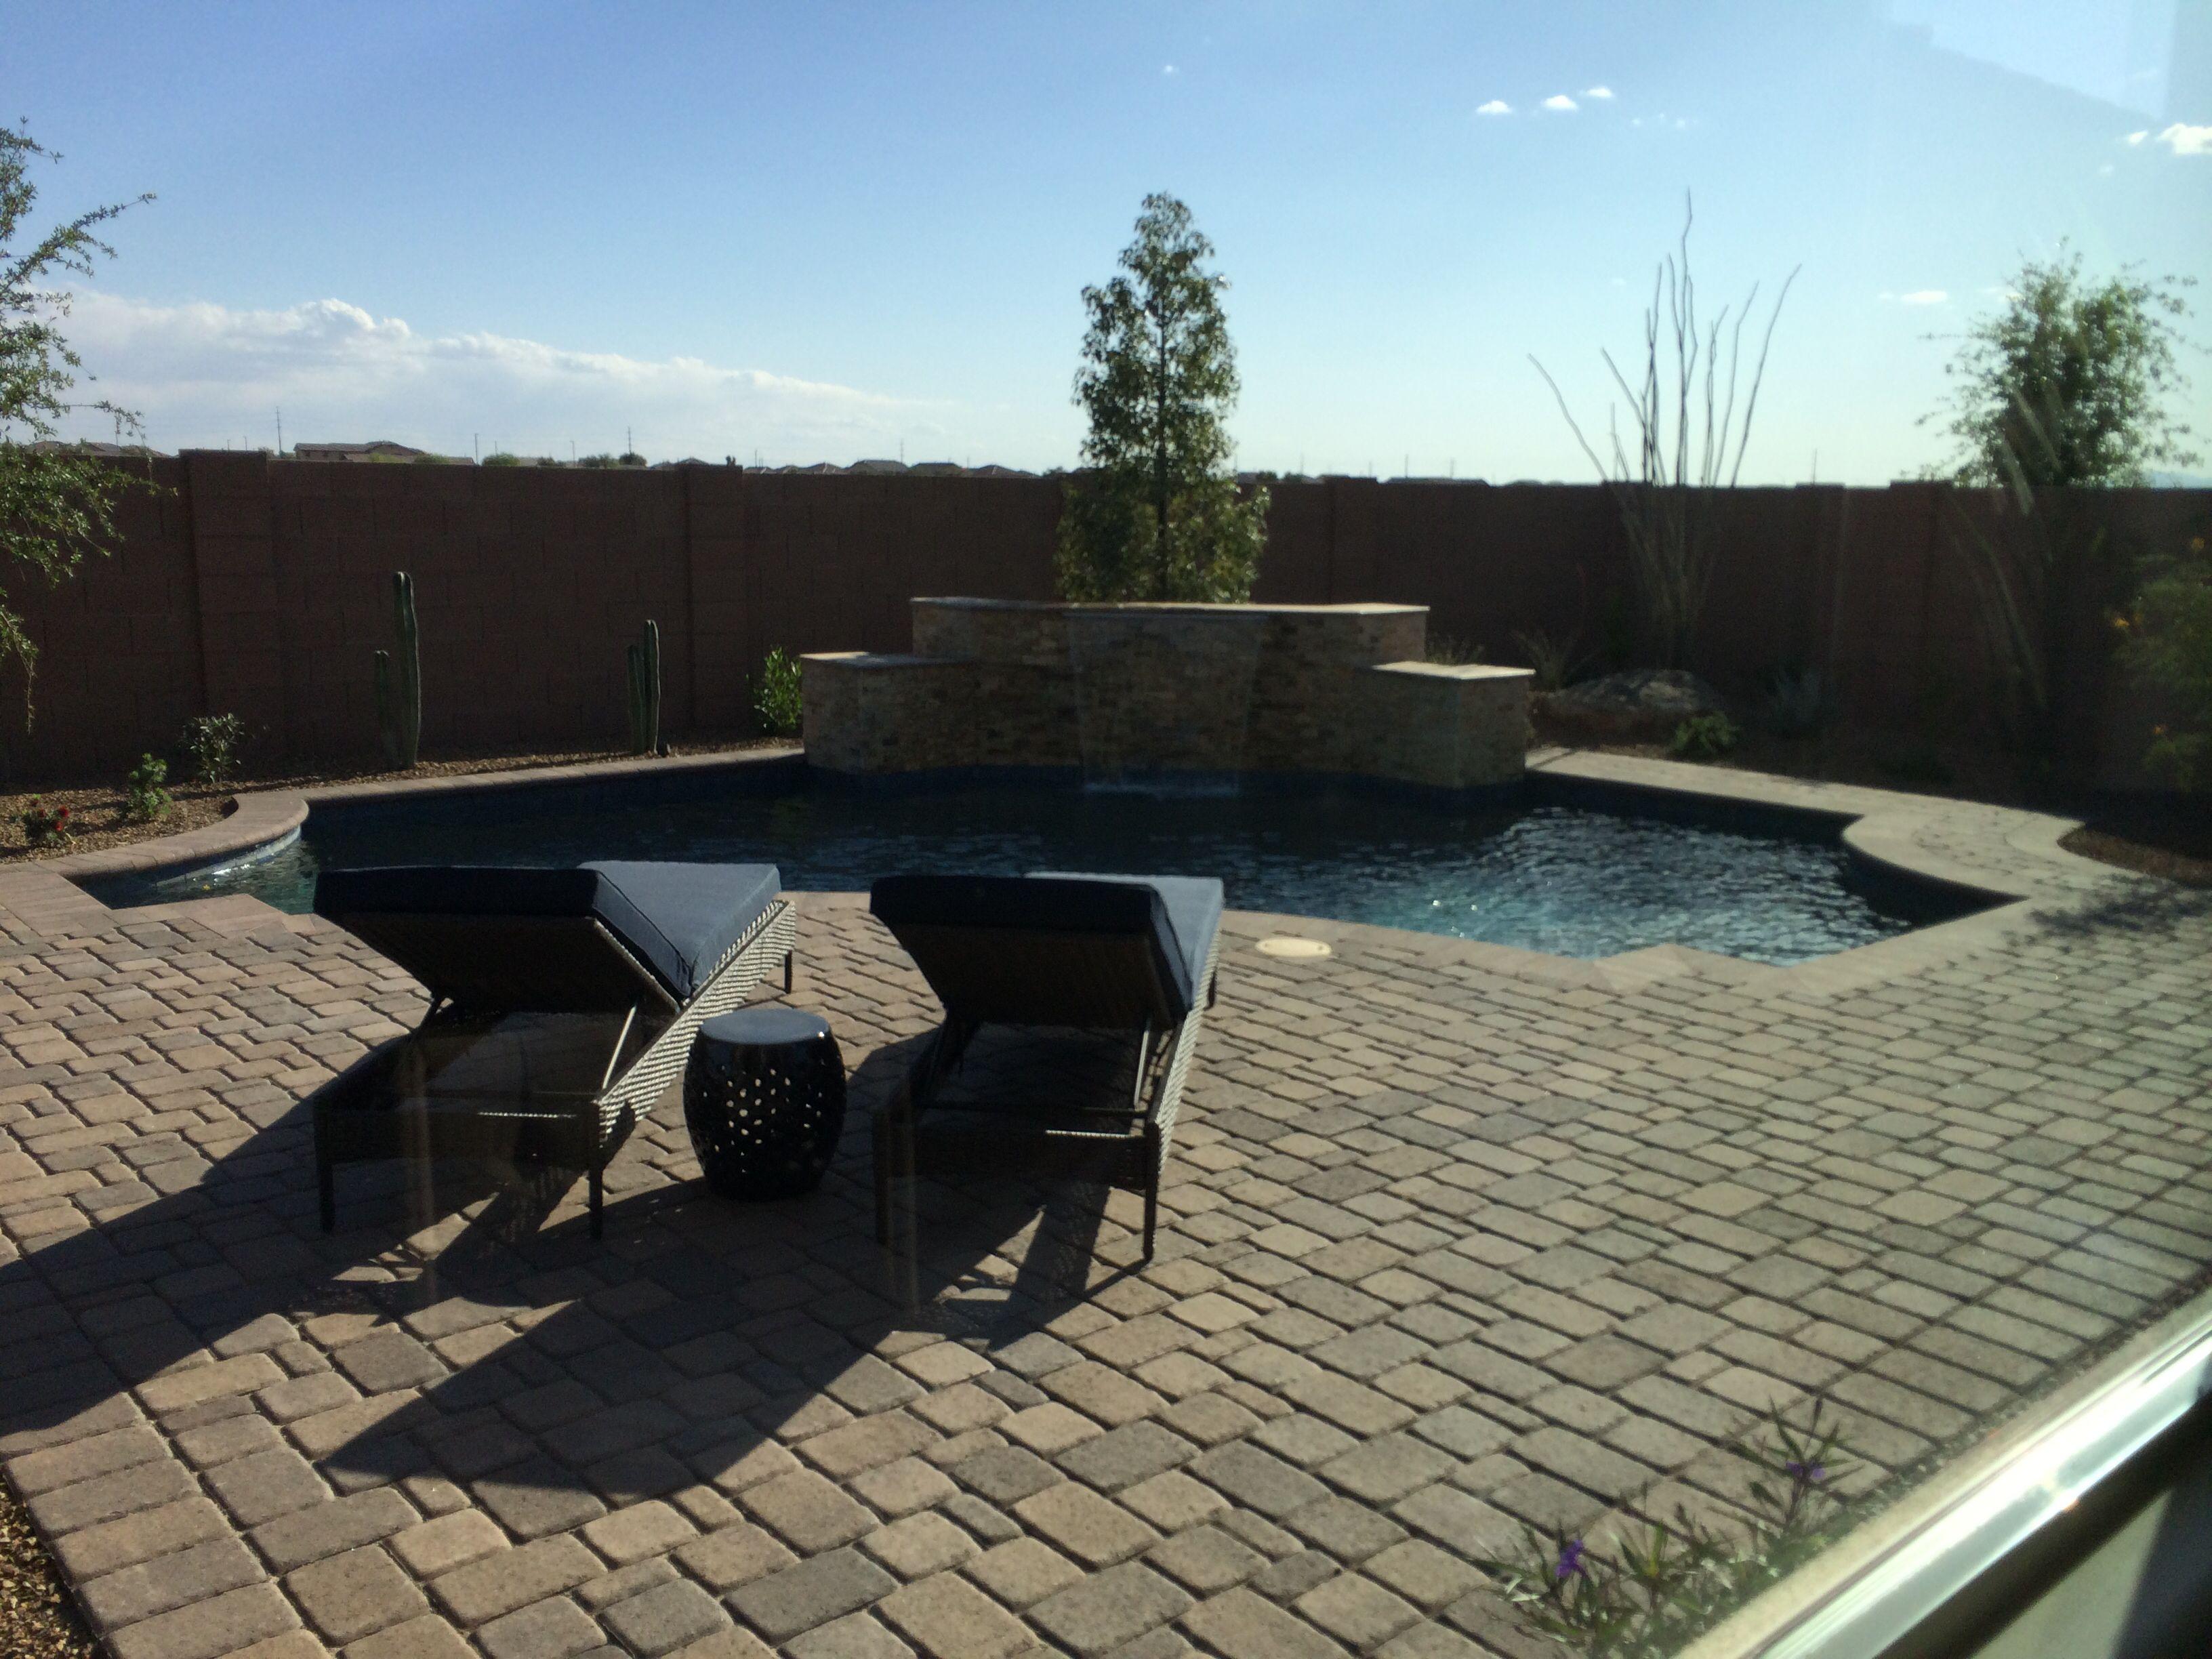 Pavers and pool